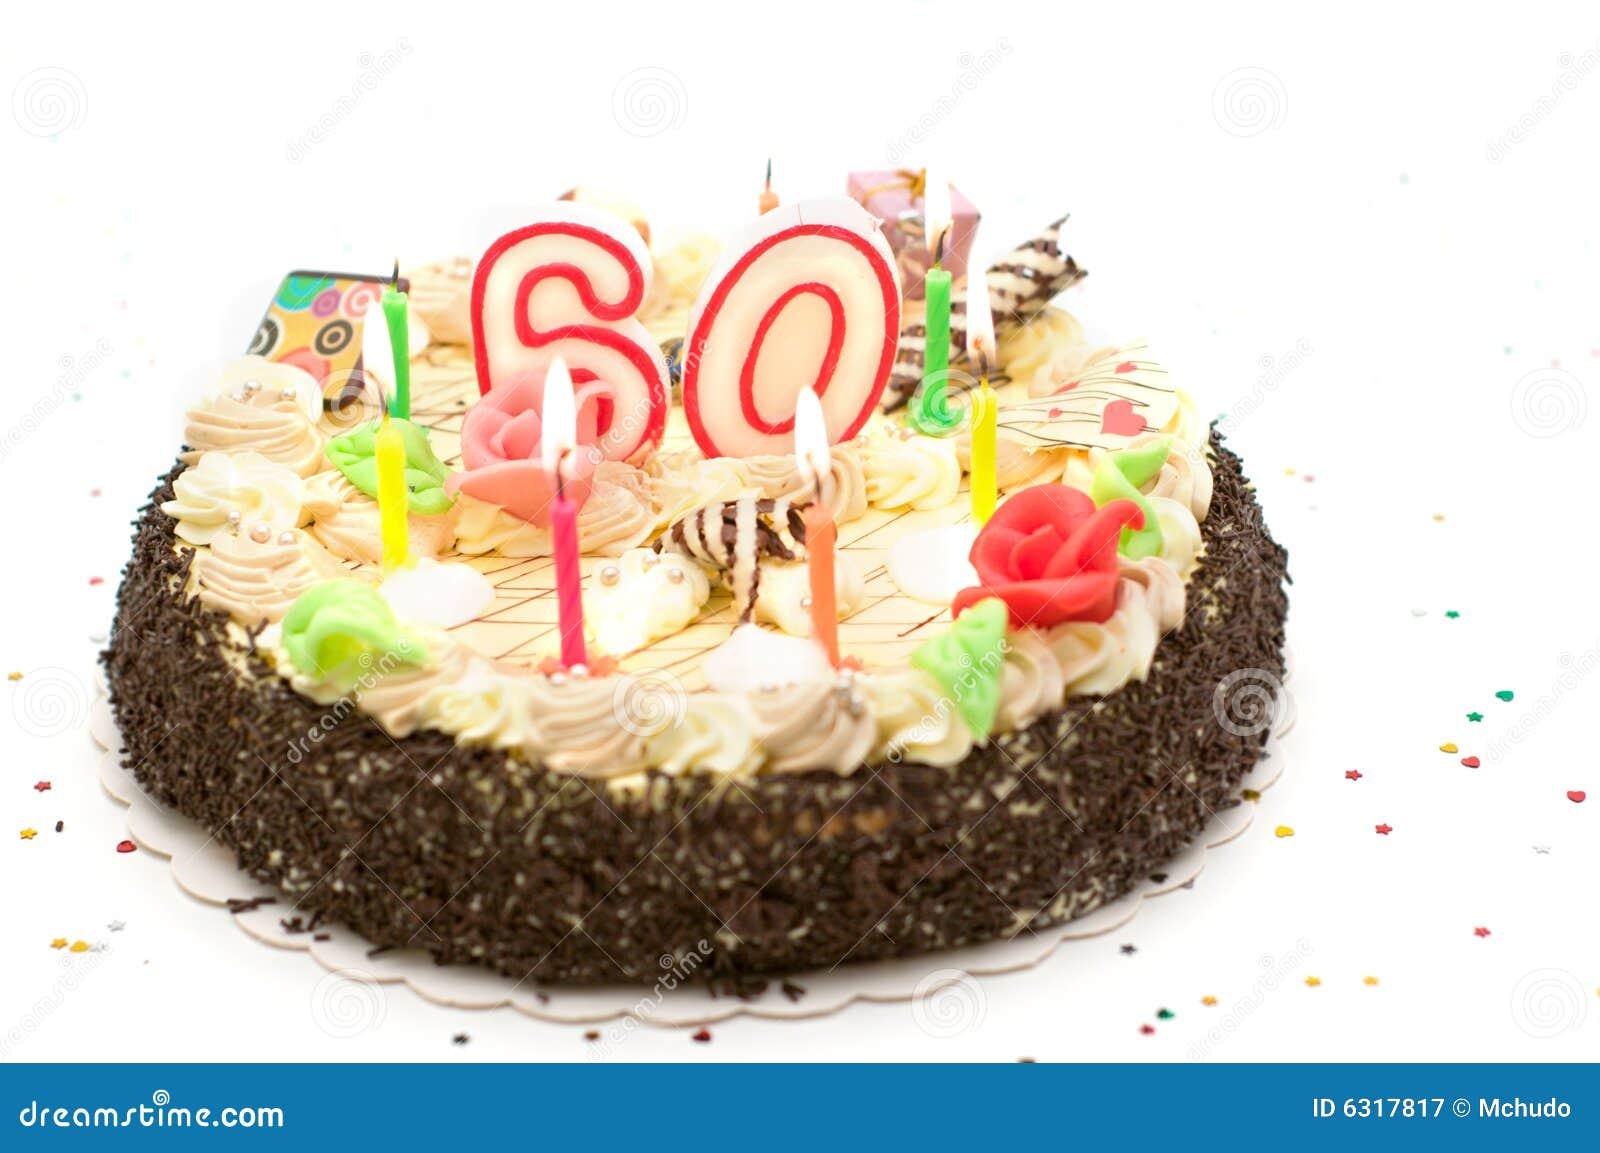 Amato Buon compleanno 60 foto stock - Iscriviti Gratis JC39